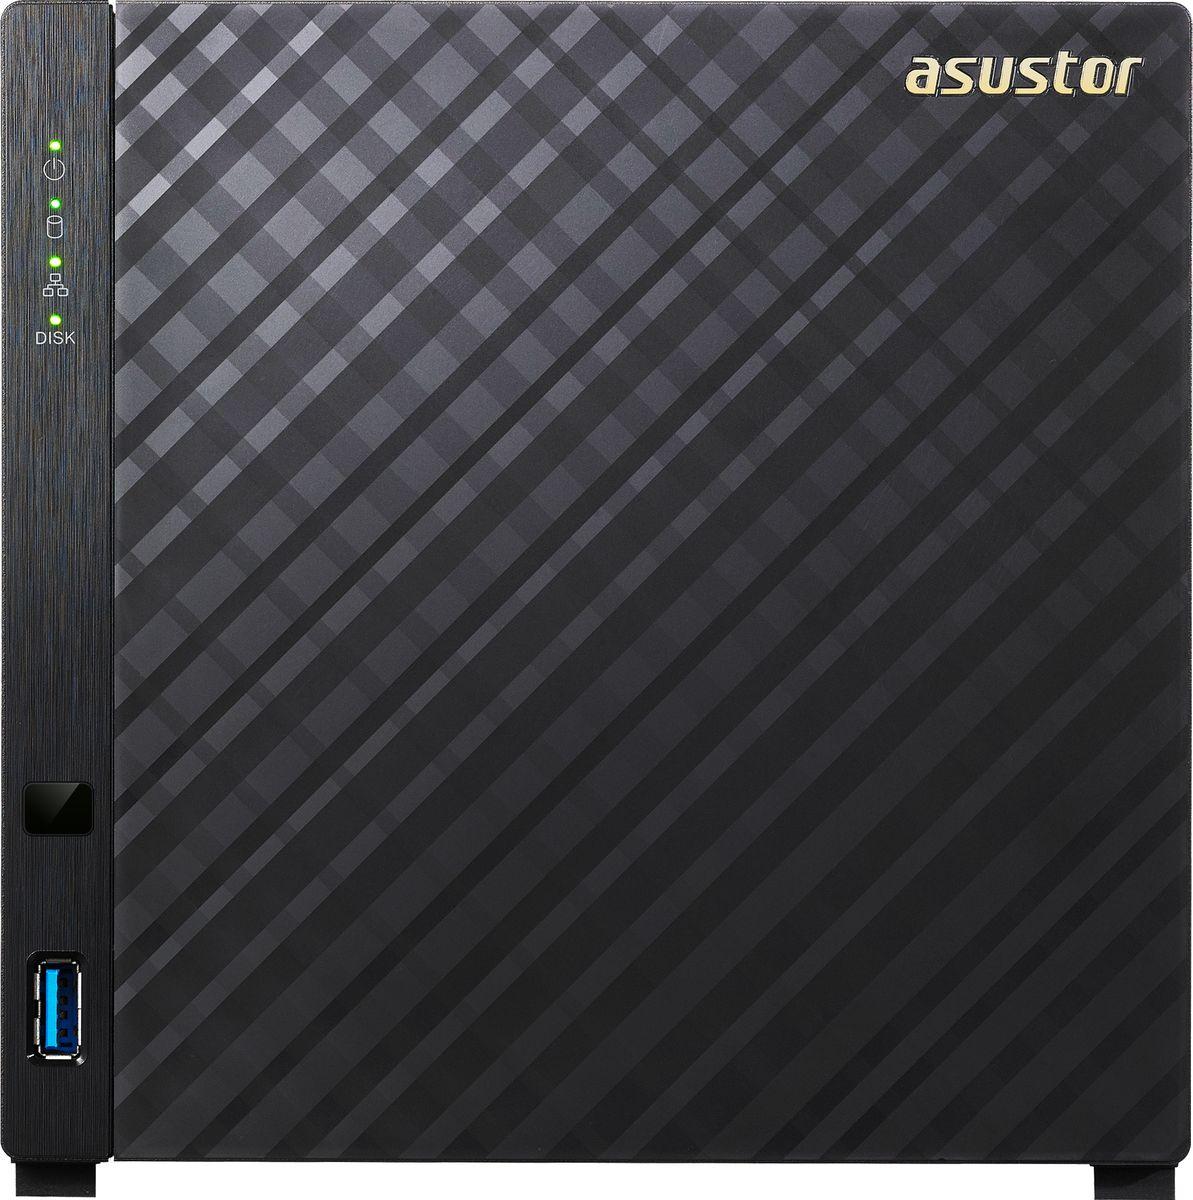 ASUSTOR AS3104T 40TB сетевое хранилище (90IX00P1-BW3S10)90IX00P1-BW3S10ASUSTOR AS3104T - производительный и экономичный NAS с поддержкой аппаратного шифрования и функцией воспроизведения 4K-видео.AS3104T является сетевым накопителем большой емкости, отличающимся привлекательной ценой. Пользователи могут установить до четырех 10-ТБ жестких дисков, получив хранилище на 40 ТБ. Больше нет нужды думать об ограничениях объема, коллекционируя фото или видео высокого разрешения! Кроме того, AS3104T поддерживает RAID-массивы уровней 5 и 6, что дает возможность обеспечить дополнительную защиту данных и минимизировать вероятность их потери в случае выхода жесткого диска из строя.Хранилище оснащено двухъядерными процессорами Intel Celeron и памятью с двухканальным режимом емкостью 2 ГБ. В конфигурациях RAID 1 скорость чтения/записи составляет более 112 МБ/с и 112 МБ/с.Встроенный блок аппаратного шифрования AES-NI имеет скорость чтения/записи 227.97 МБ/с и 71 МБ/с, обеспечивая отличную производительность и безопасность. Ваши данные полностью защищены с того момента, как вы сохраняете их в NAS устройстве.NAS от ASUSTOR предлагает вашему вниманию потрясающие цифровые развлечения по требованию. Встроенный интерфейс HDMI и разнообразные мультимедийные приложения позволяют работать с любимым мультимедийным контентом на NAS устройстве, подключив к нему ЖК/LED телевизор или усилитель. Более того, в App Central от ASUSTOR можно установить дополнительные приложения для сервера мультимедиа, такие как медиа-сервер UPnP и сервер iTunes, с помощью которых NAS сможет передавать мультимедийный контент на ваши компьютеры, телевизоры и мобильные устройства.Сдвигающаяся крышка и барашковые винты позволяют легко установить и настроить устройство в течение нескольких минут, не используя дополнительных инструментов.Модели AS31 поддерживают двухканальный режим памяти и воспроизводят видео в формате 4К с высоким качеством. Более того, модели AS31 отличаются высокой энергоэффективностью, производительн